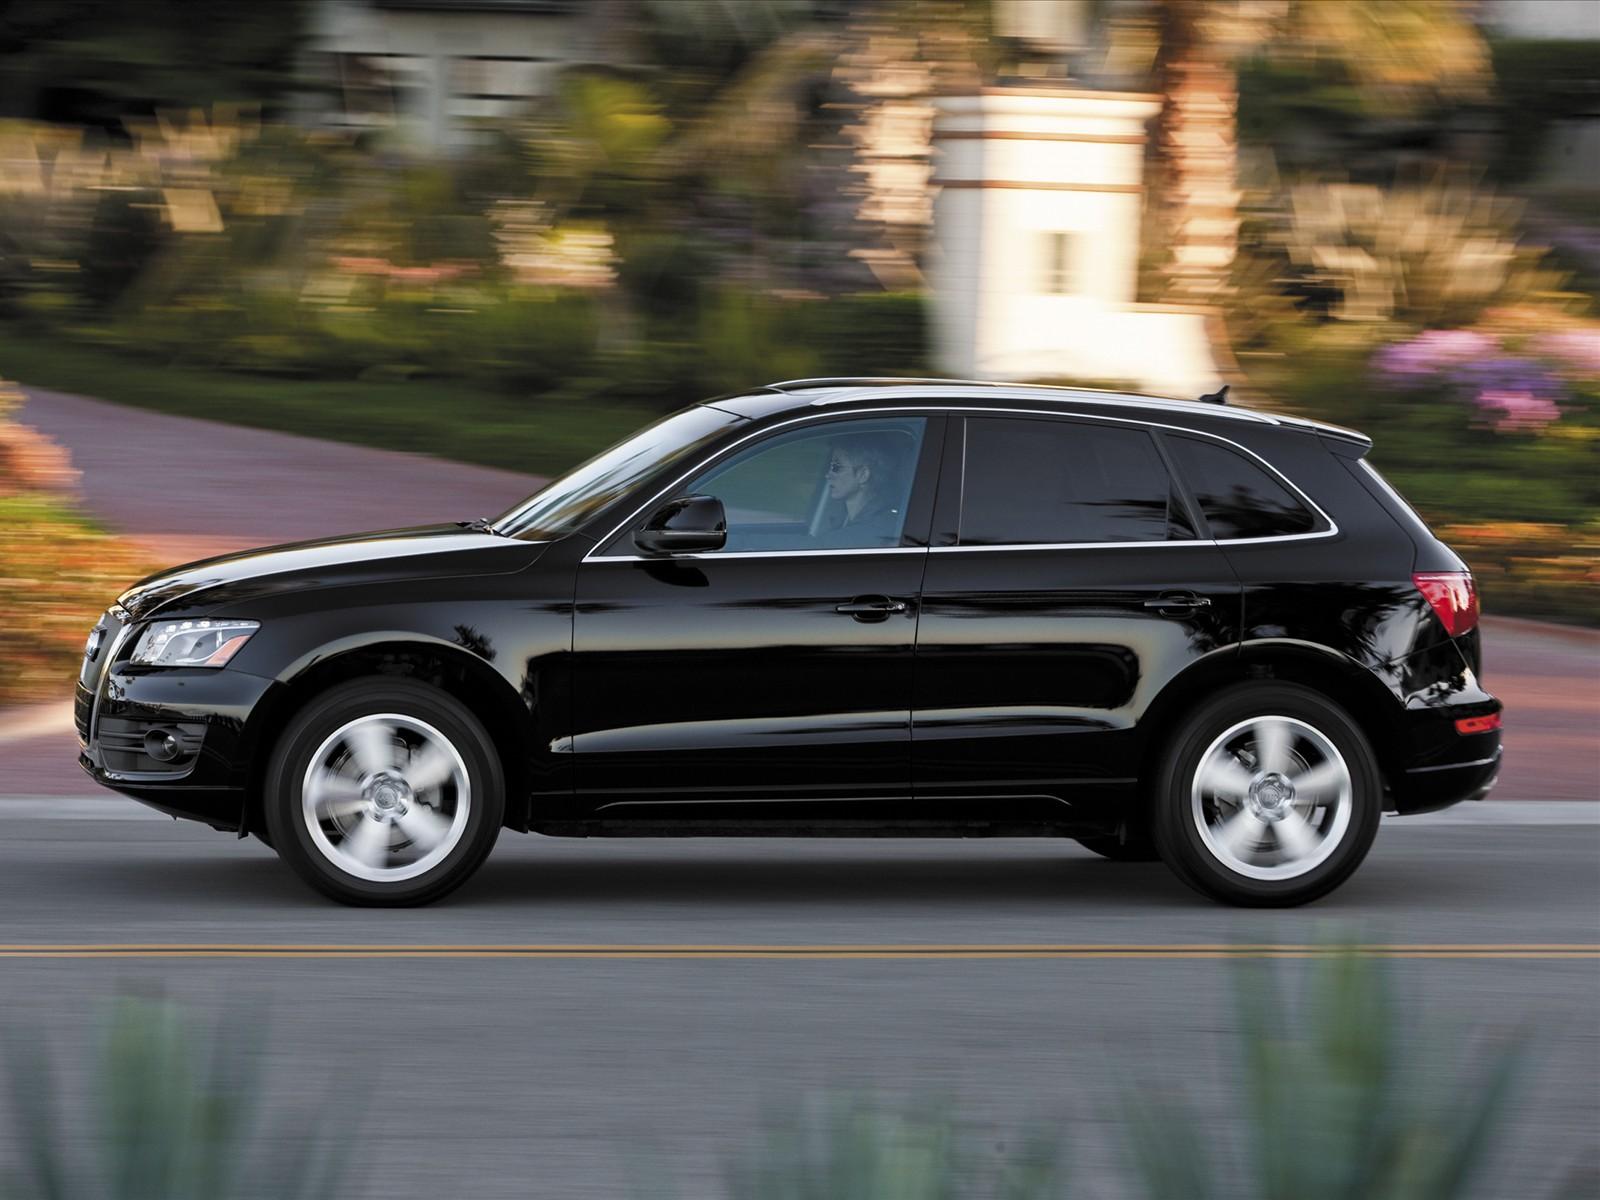 http://2.bp.blogspot.com/_J3_liDBfbvs/S-WLG3p3WiI/AAAAAAAAqsI/fTxjdK_SiYE/s1600/2010-Audi-Q5-Side-View.jpg